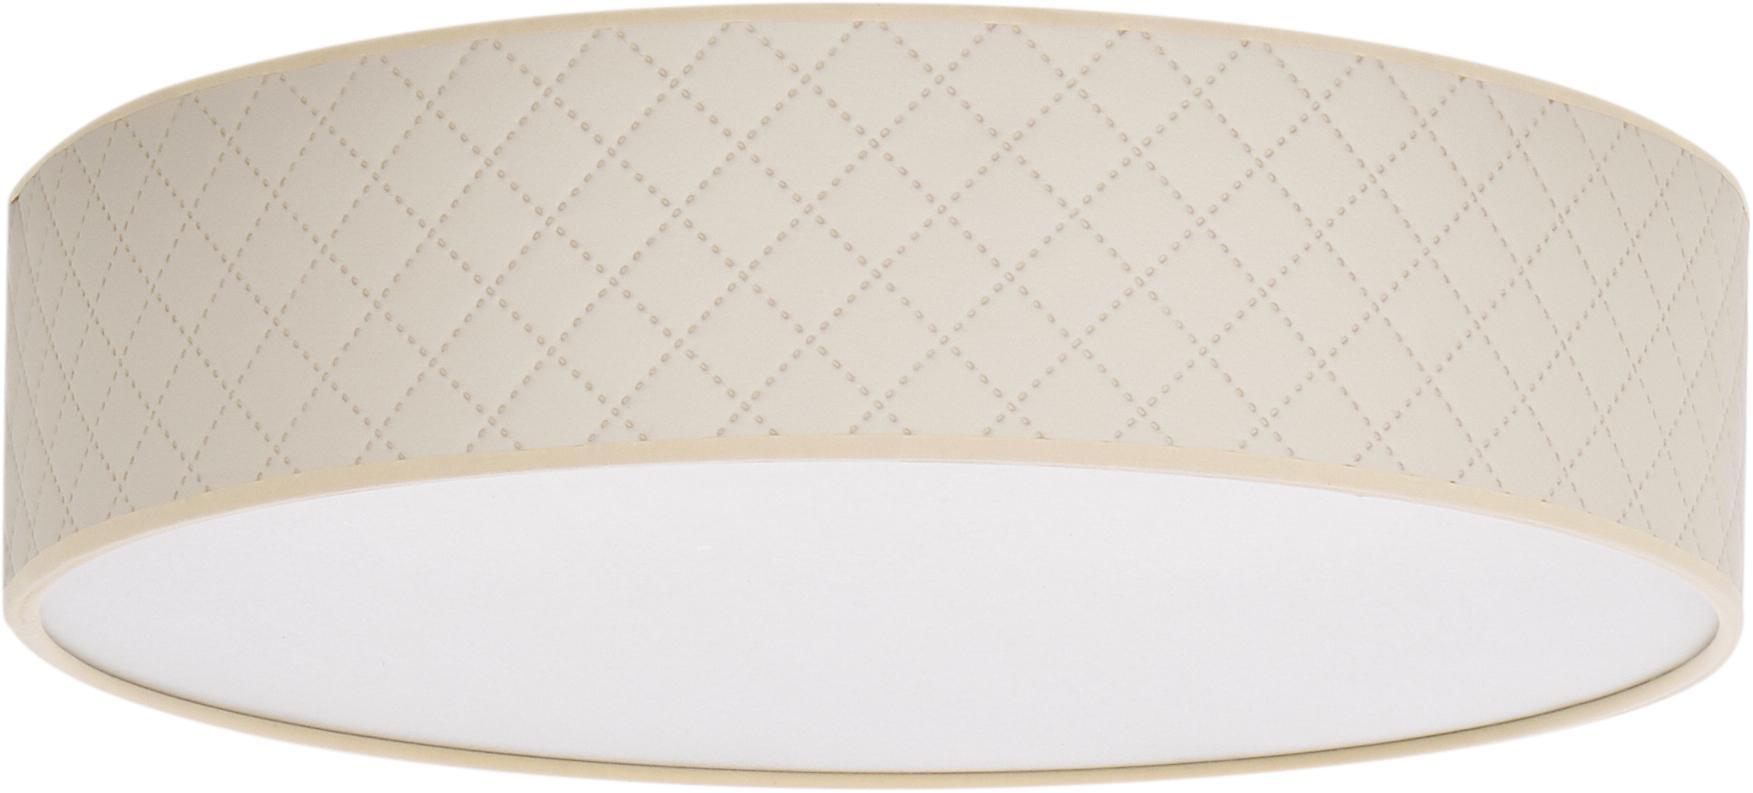 Lampa sufitowa ze skóry Trece, Kremowy, Ø 40 x W 11 cm